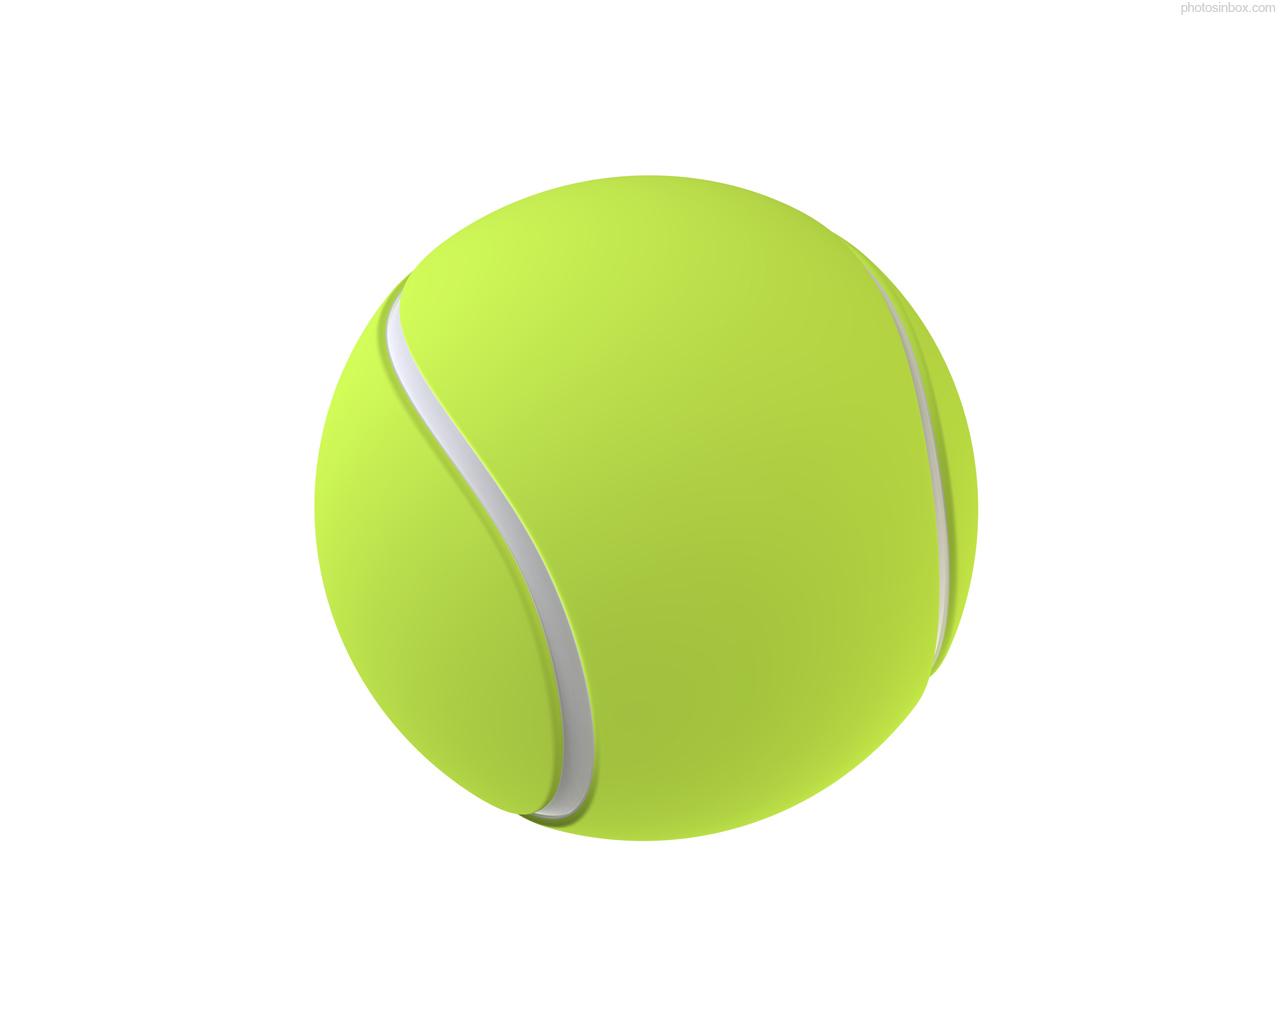 Tennis Ball clipart Clipart Clipart picture Tennis tennis